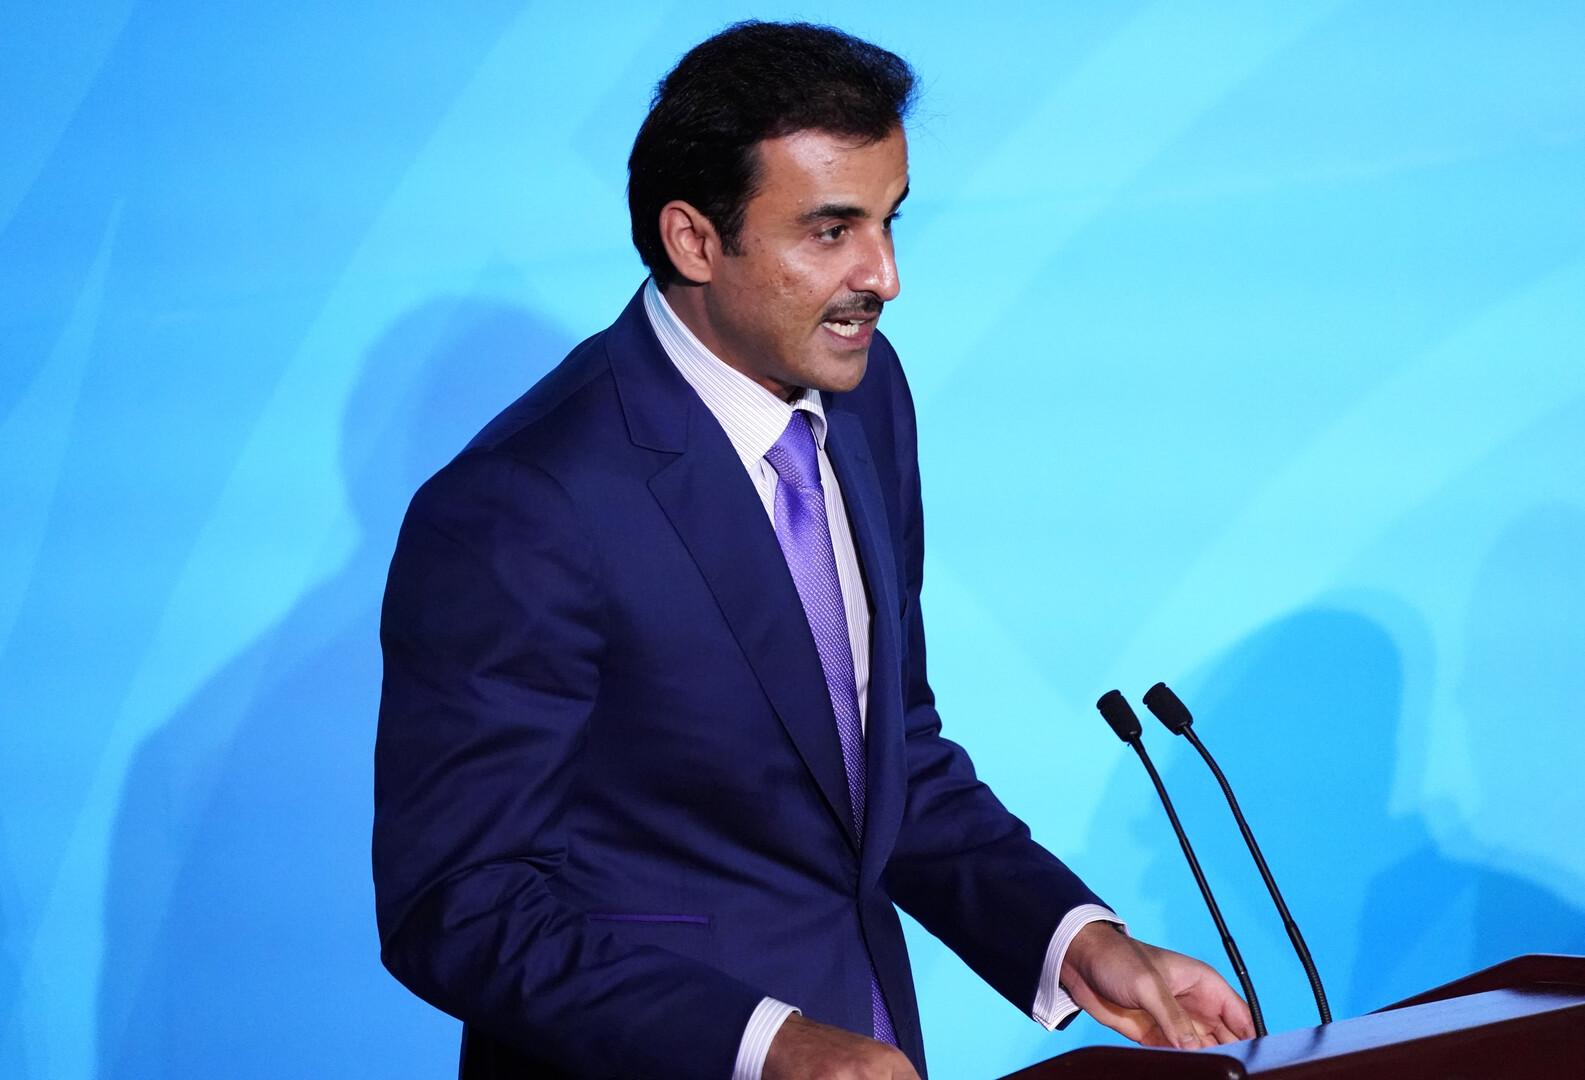 قطر تتبرع بـ100 مليون دولار لمكافحة آثار التغير المناخي